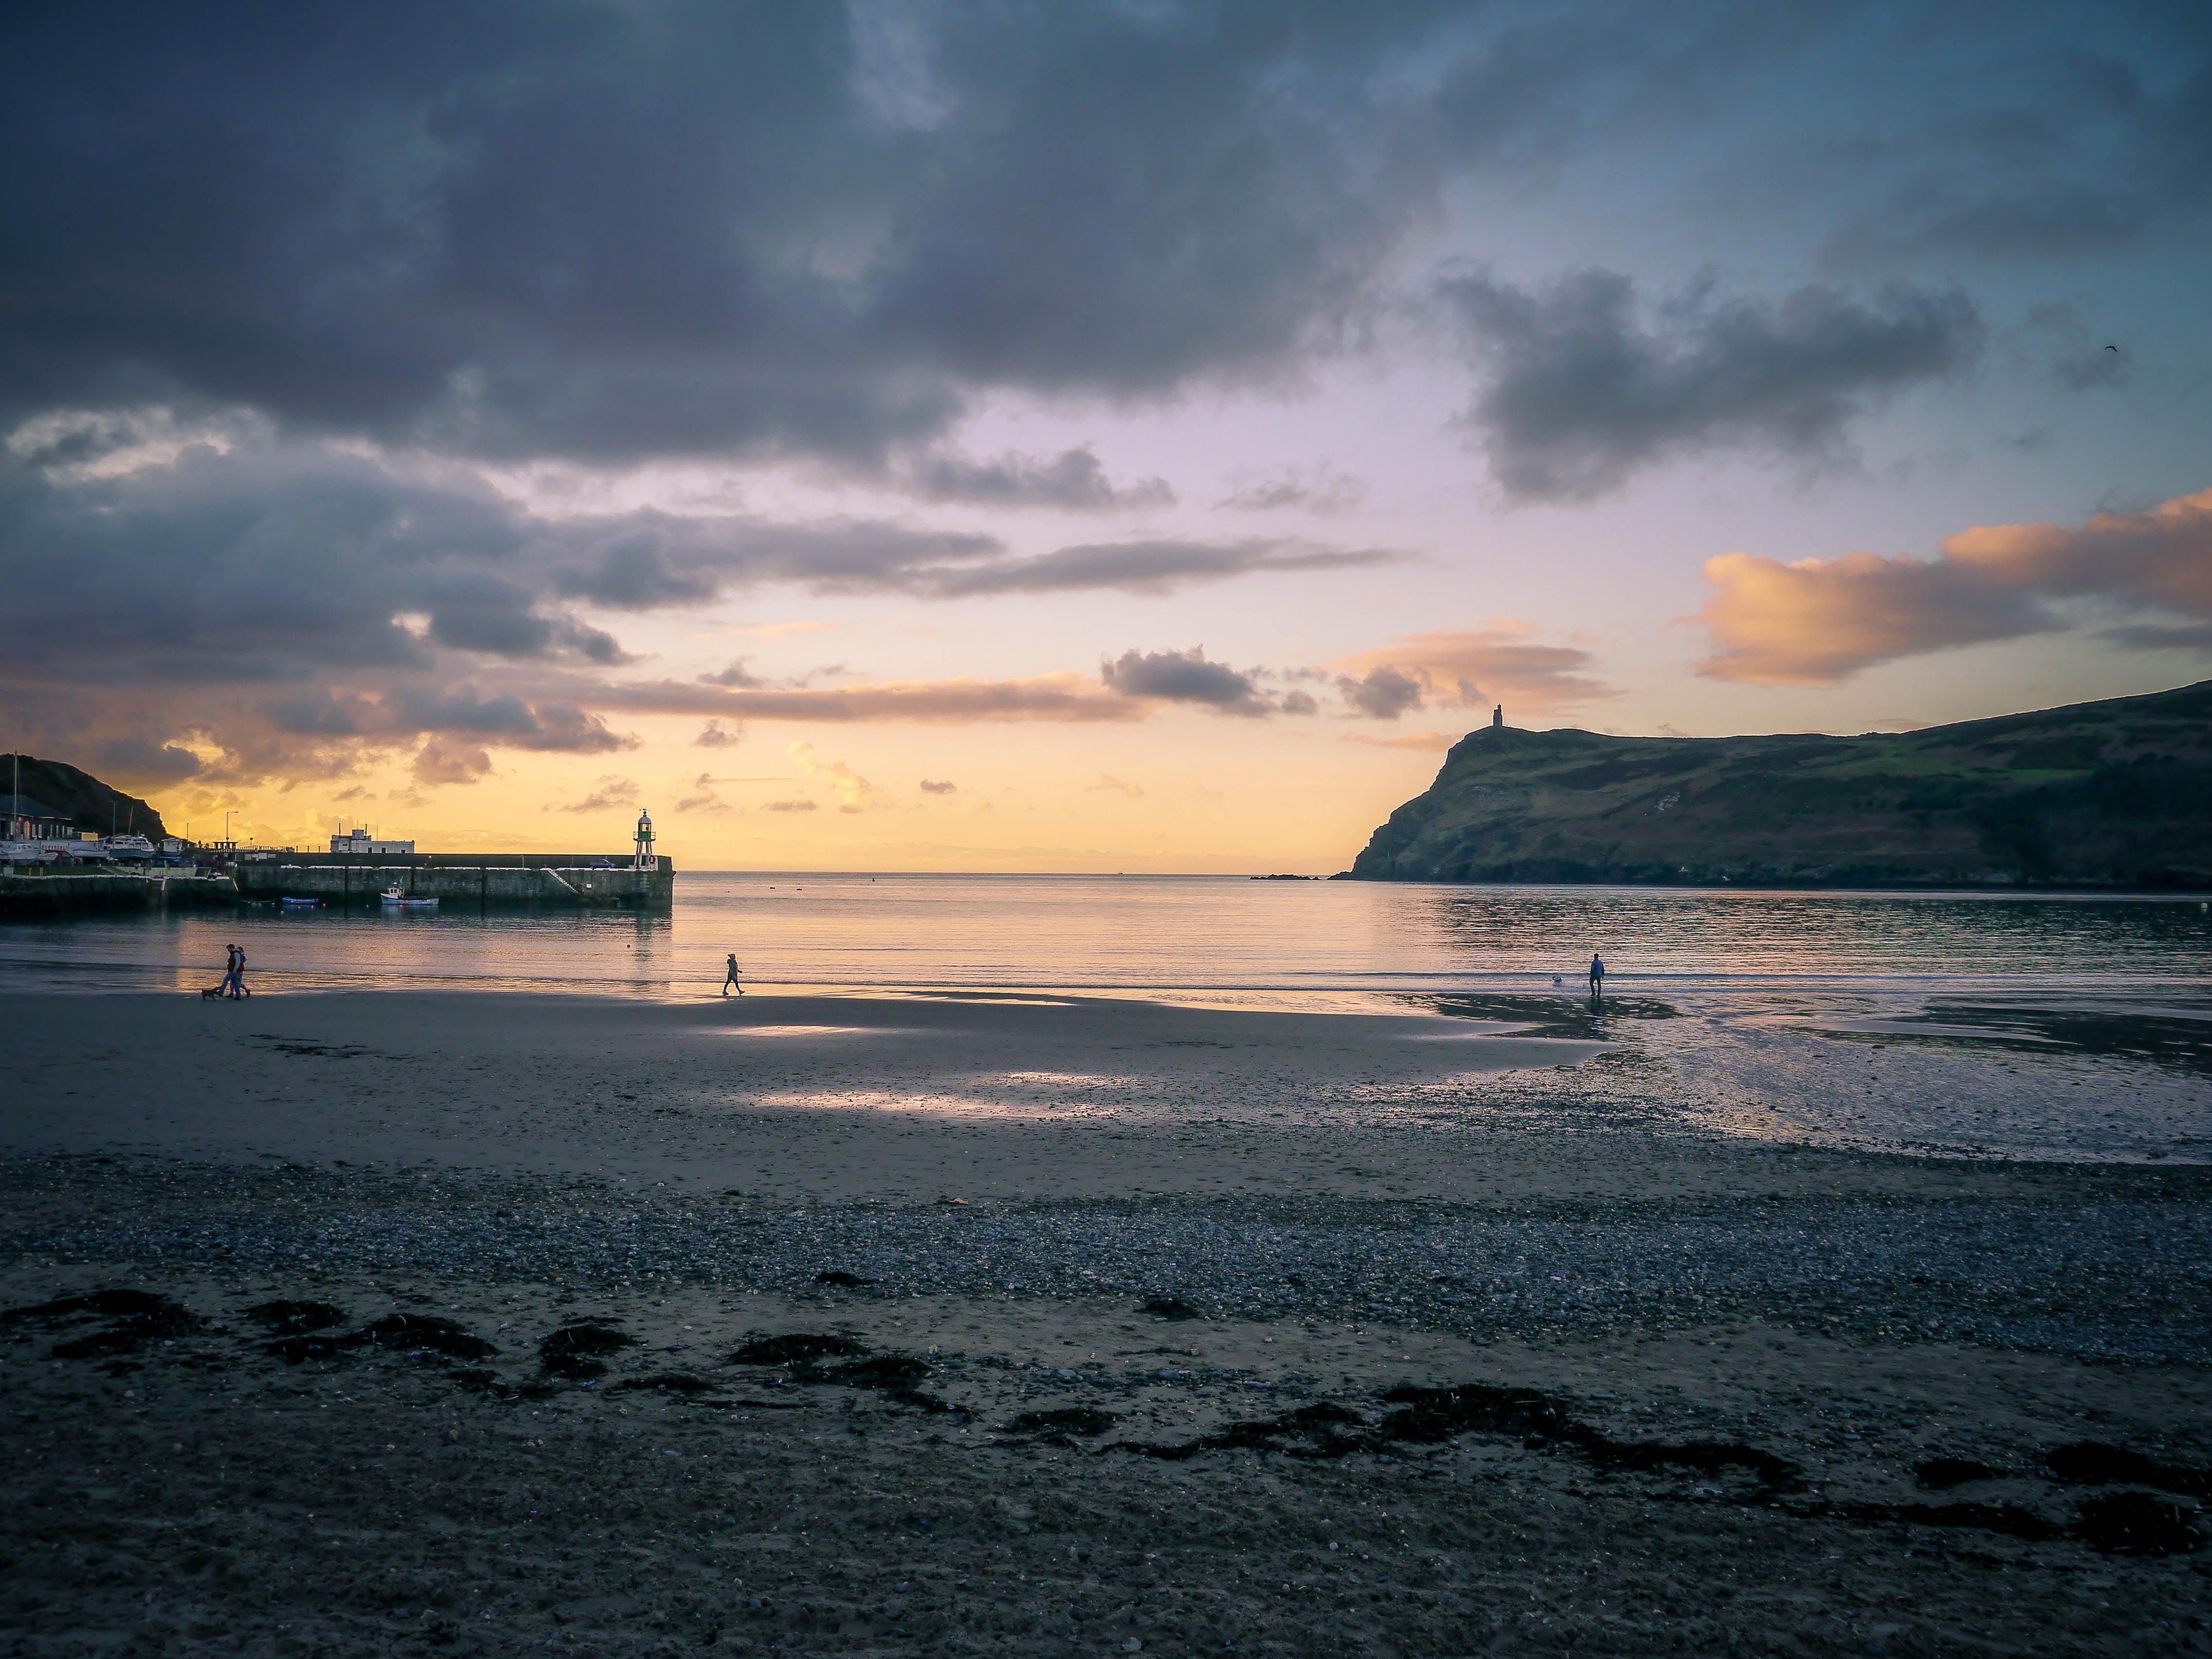 islet rock during golden hour